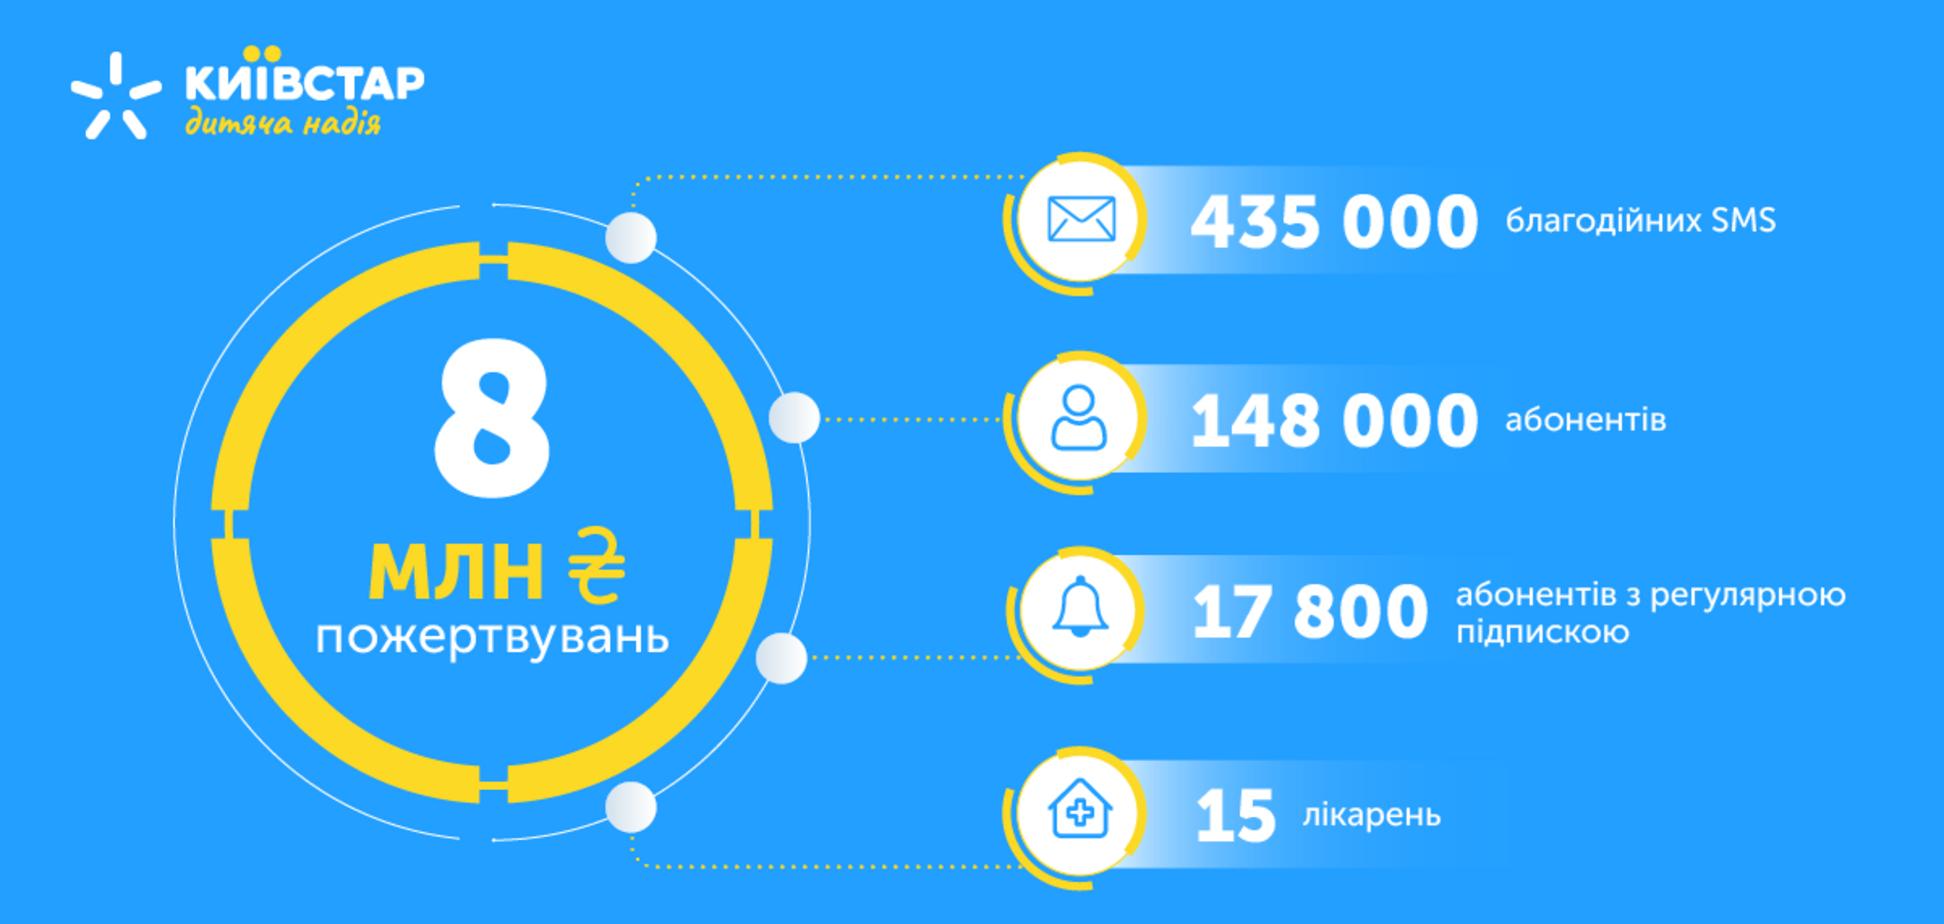 Абоненты 'Киевстара' собрали 8 млн грн для детских больниц